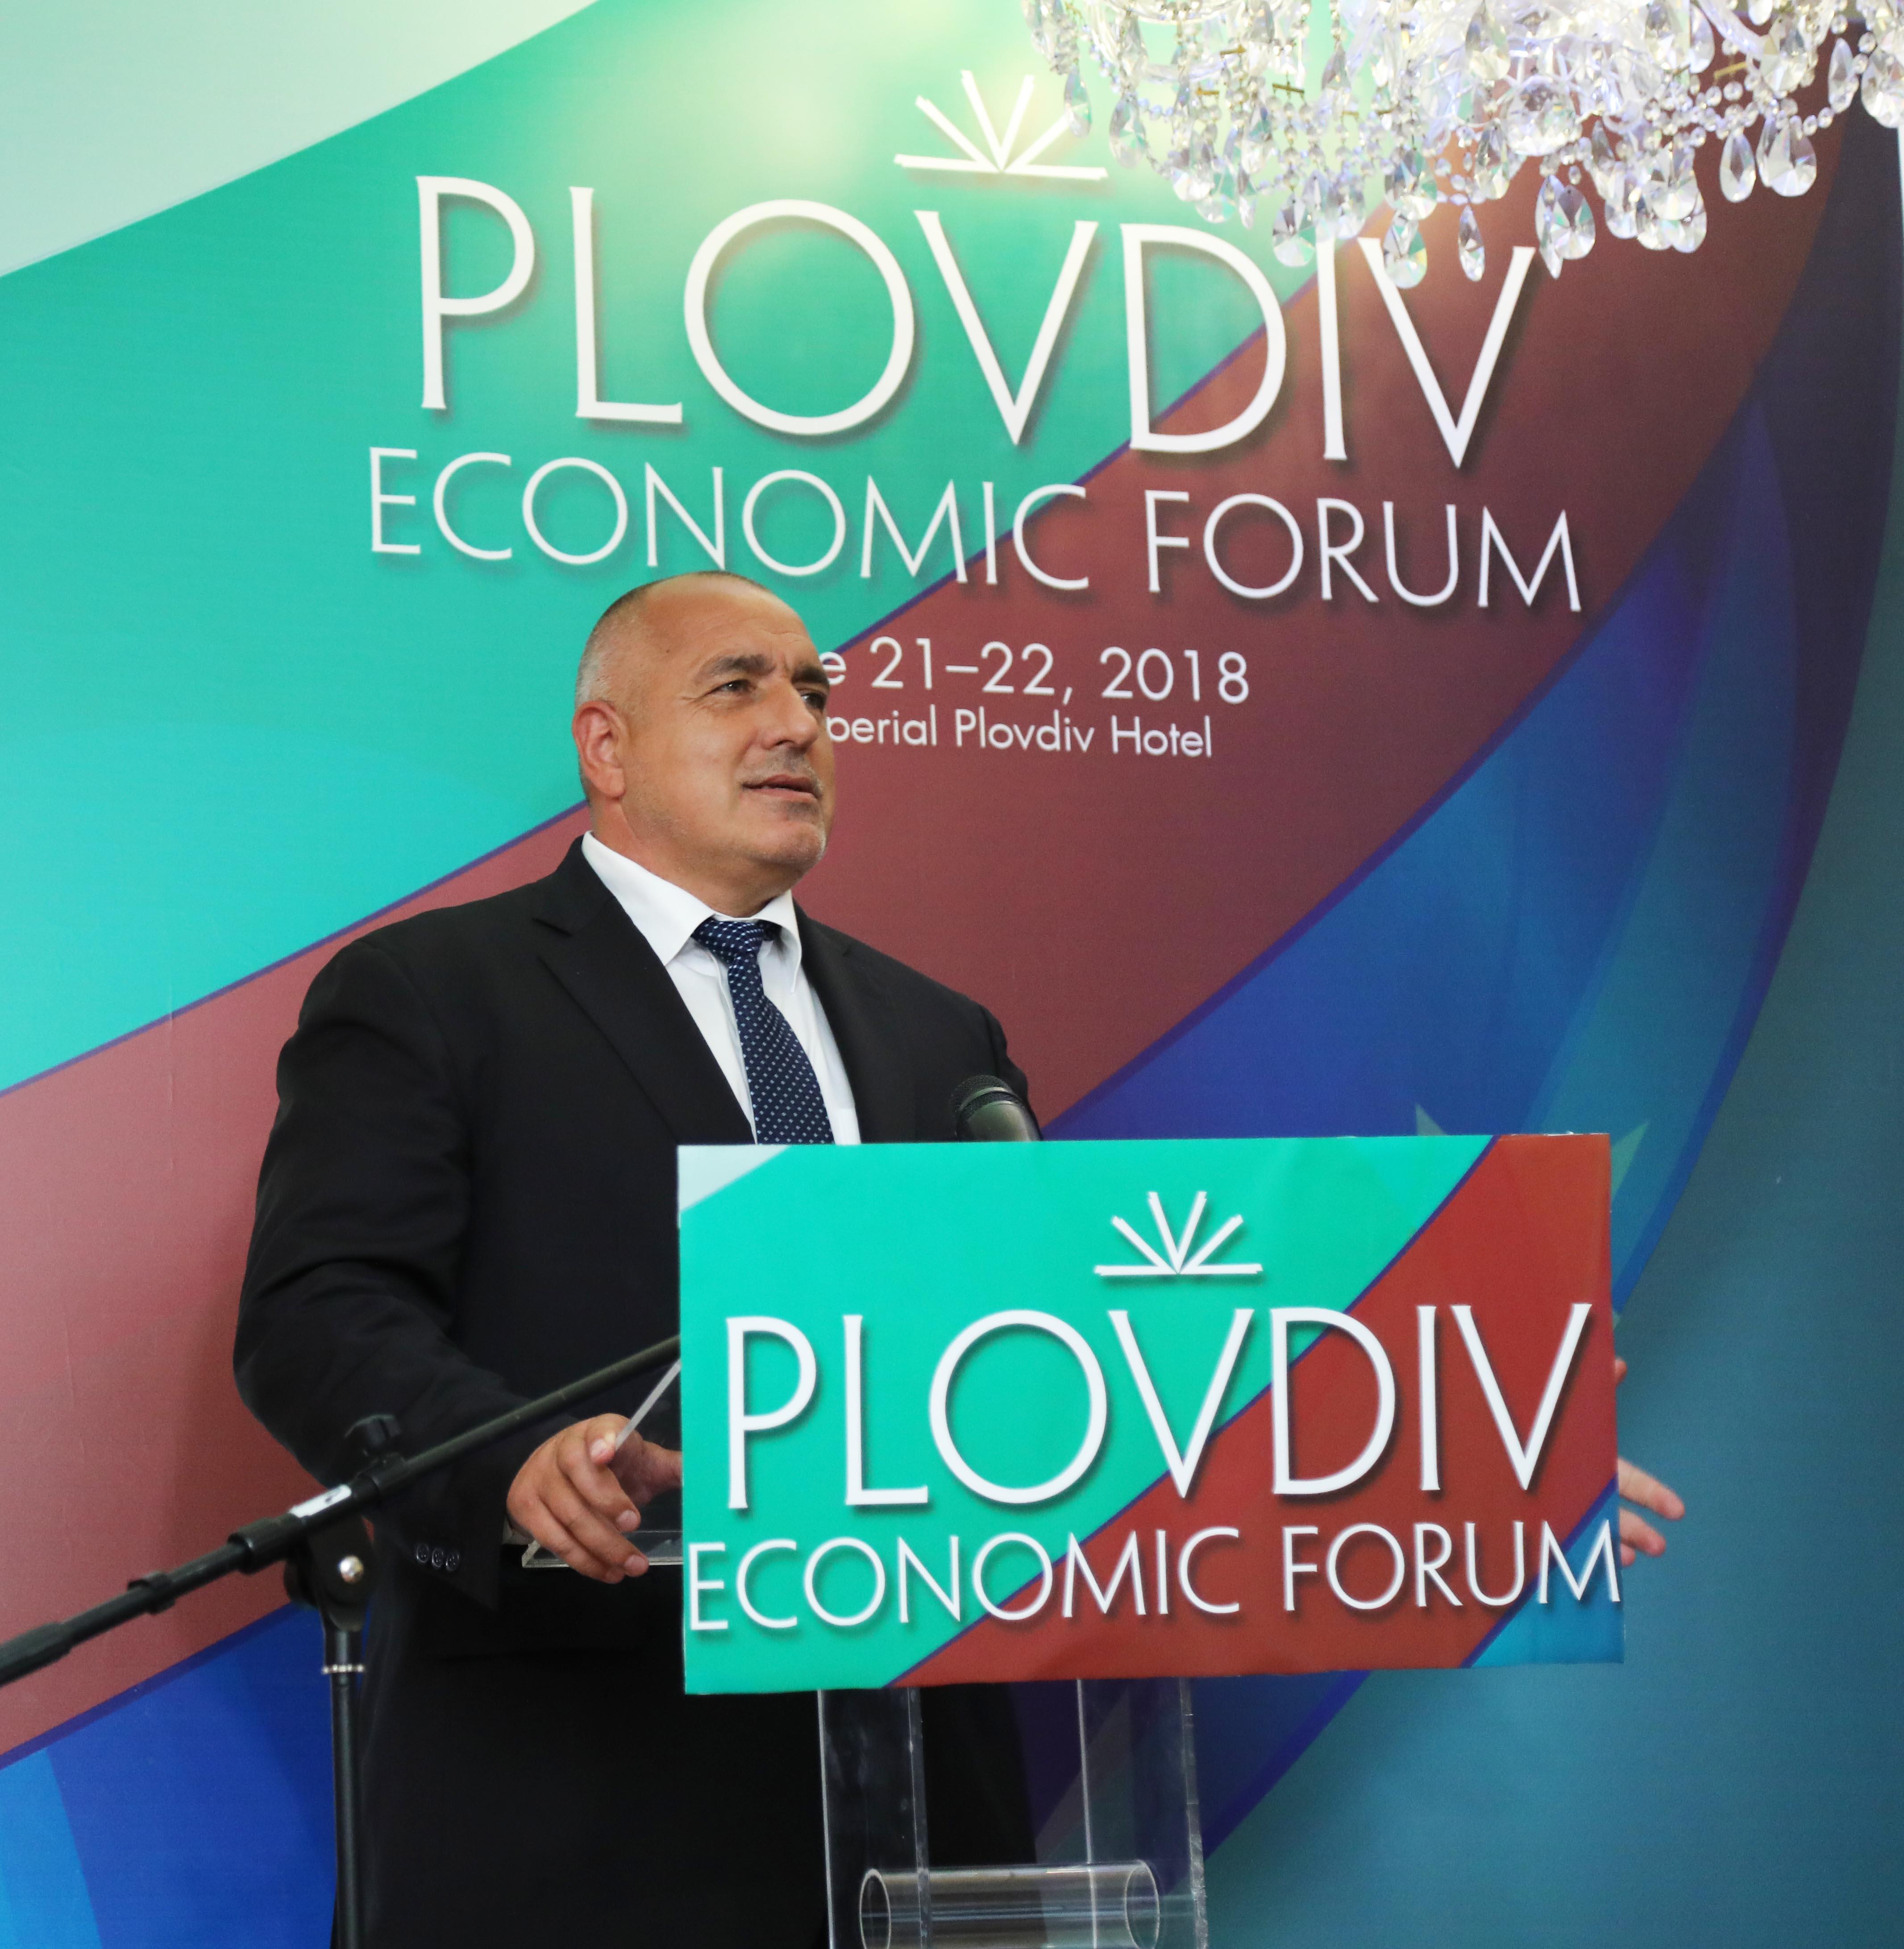 България става все по-добра в икономическо развитие - имаме вече